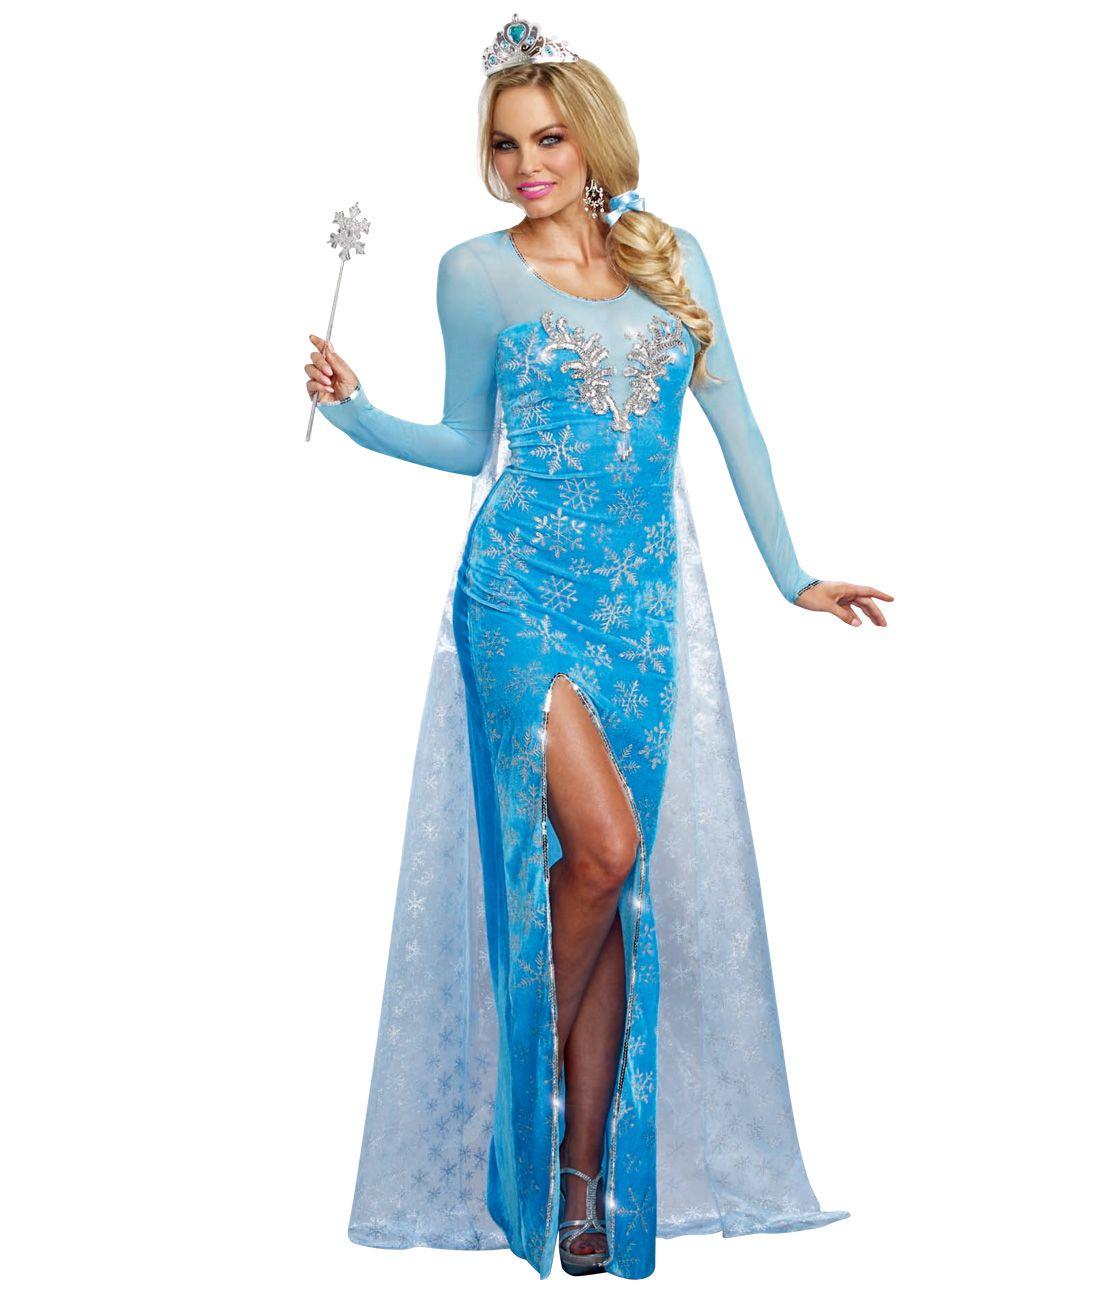 Ice Queen Costume Set (Dress & Tiara)